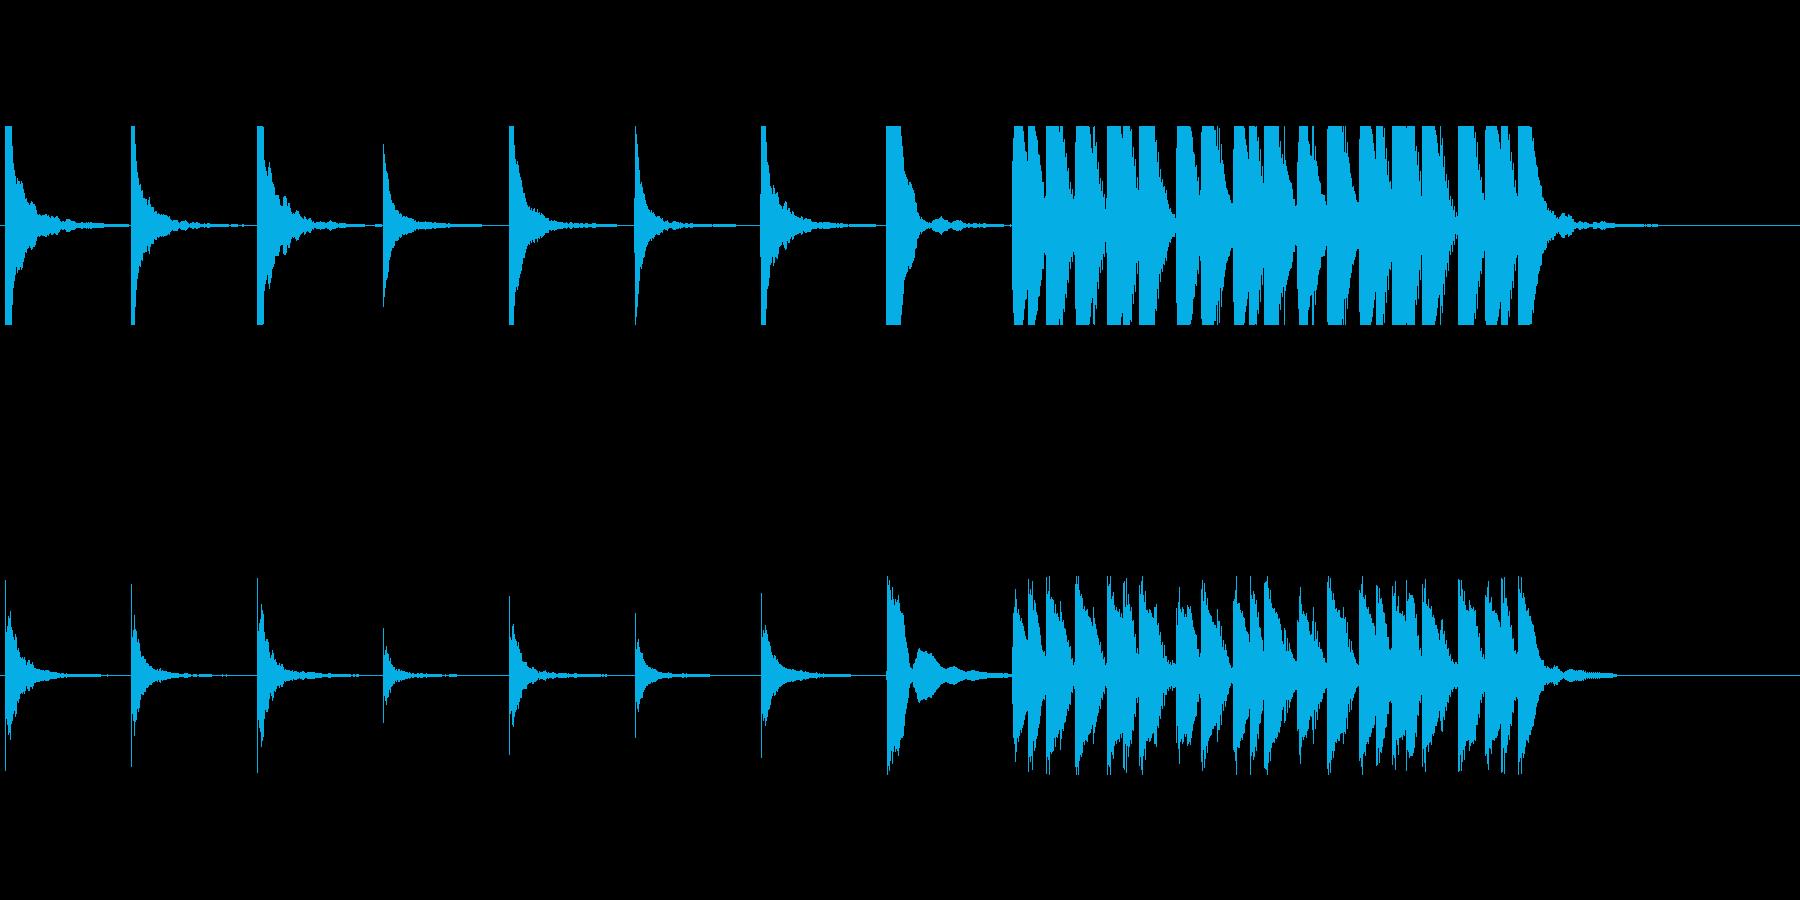 アフリカン木琴によるコミカルな音の再生済みの波形